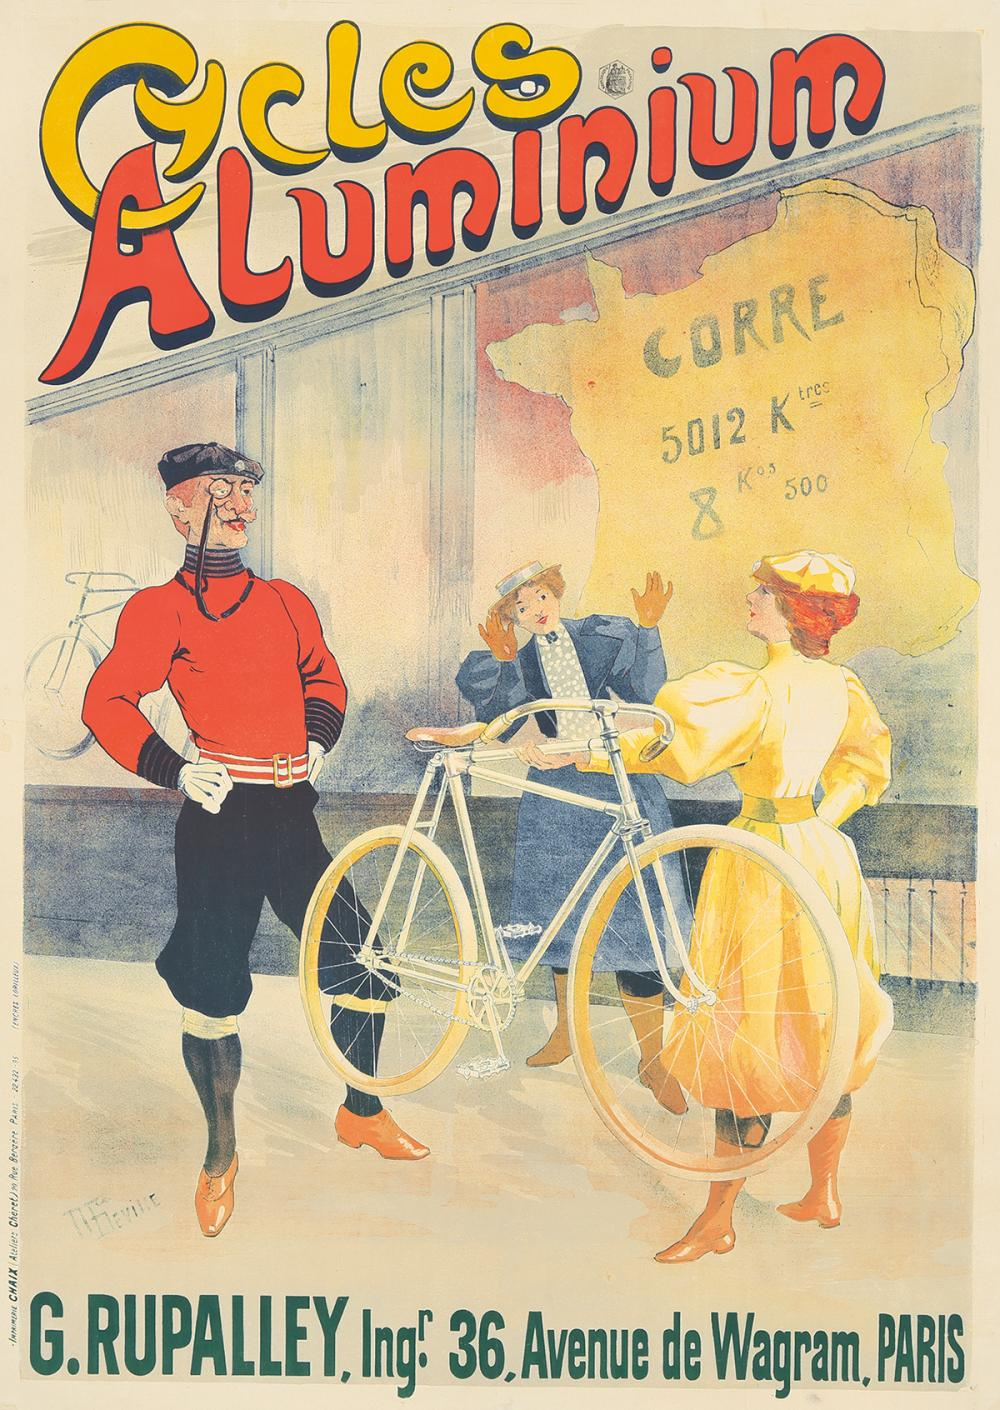 Cycles Aluminium. 1895.